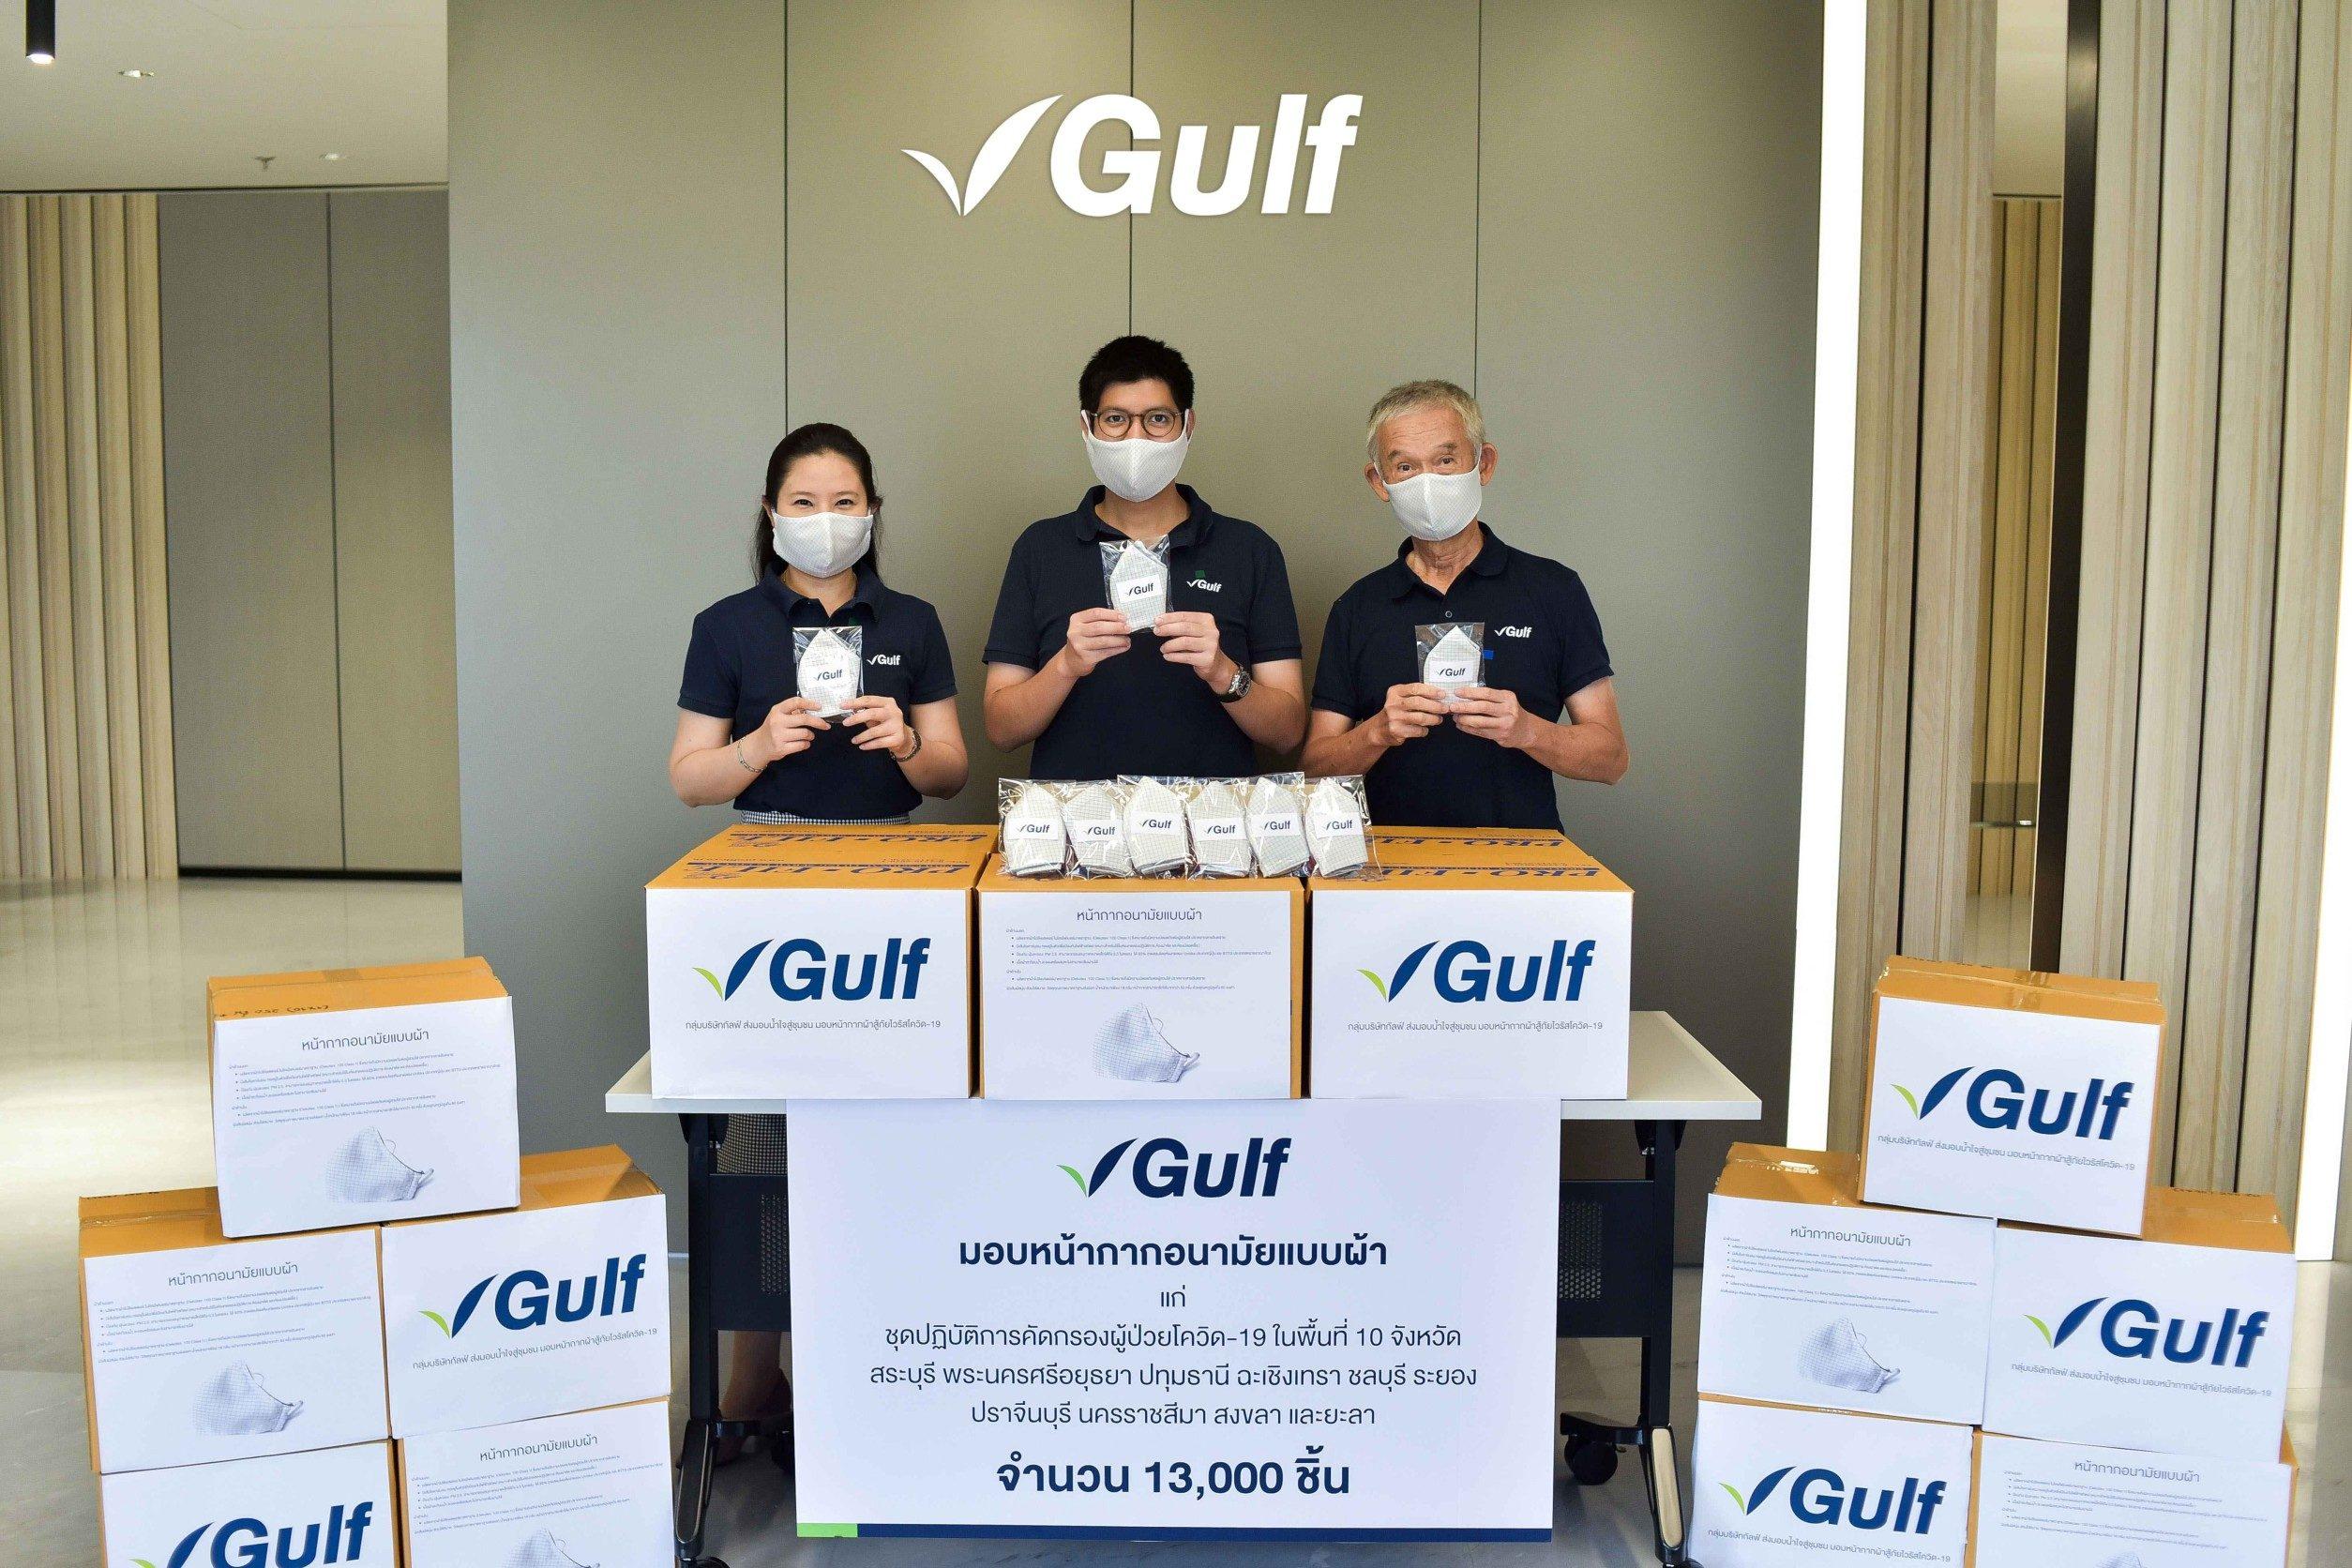 'กัลฟ์' มอบหน้ากากผ้า 13,000 ชิ้น แก่ชุดปฏิบัติการคัดกรองผู้ป่วยในพื้นที่ 10 จังหวัด ต้านโควิด-19